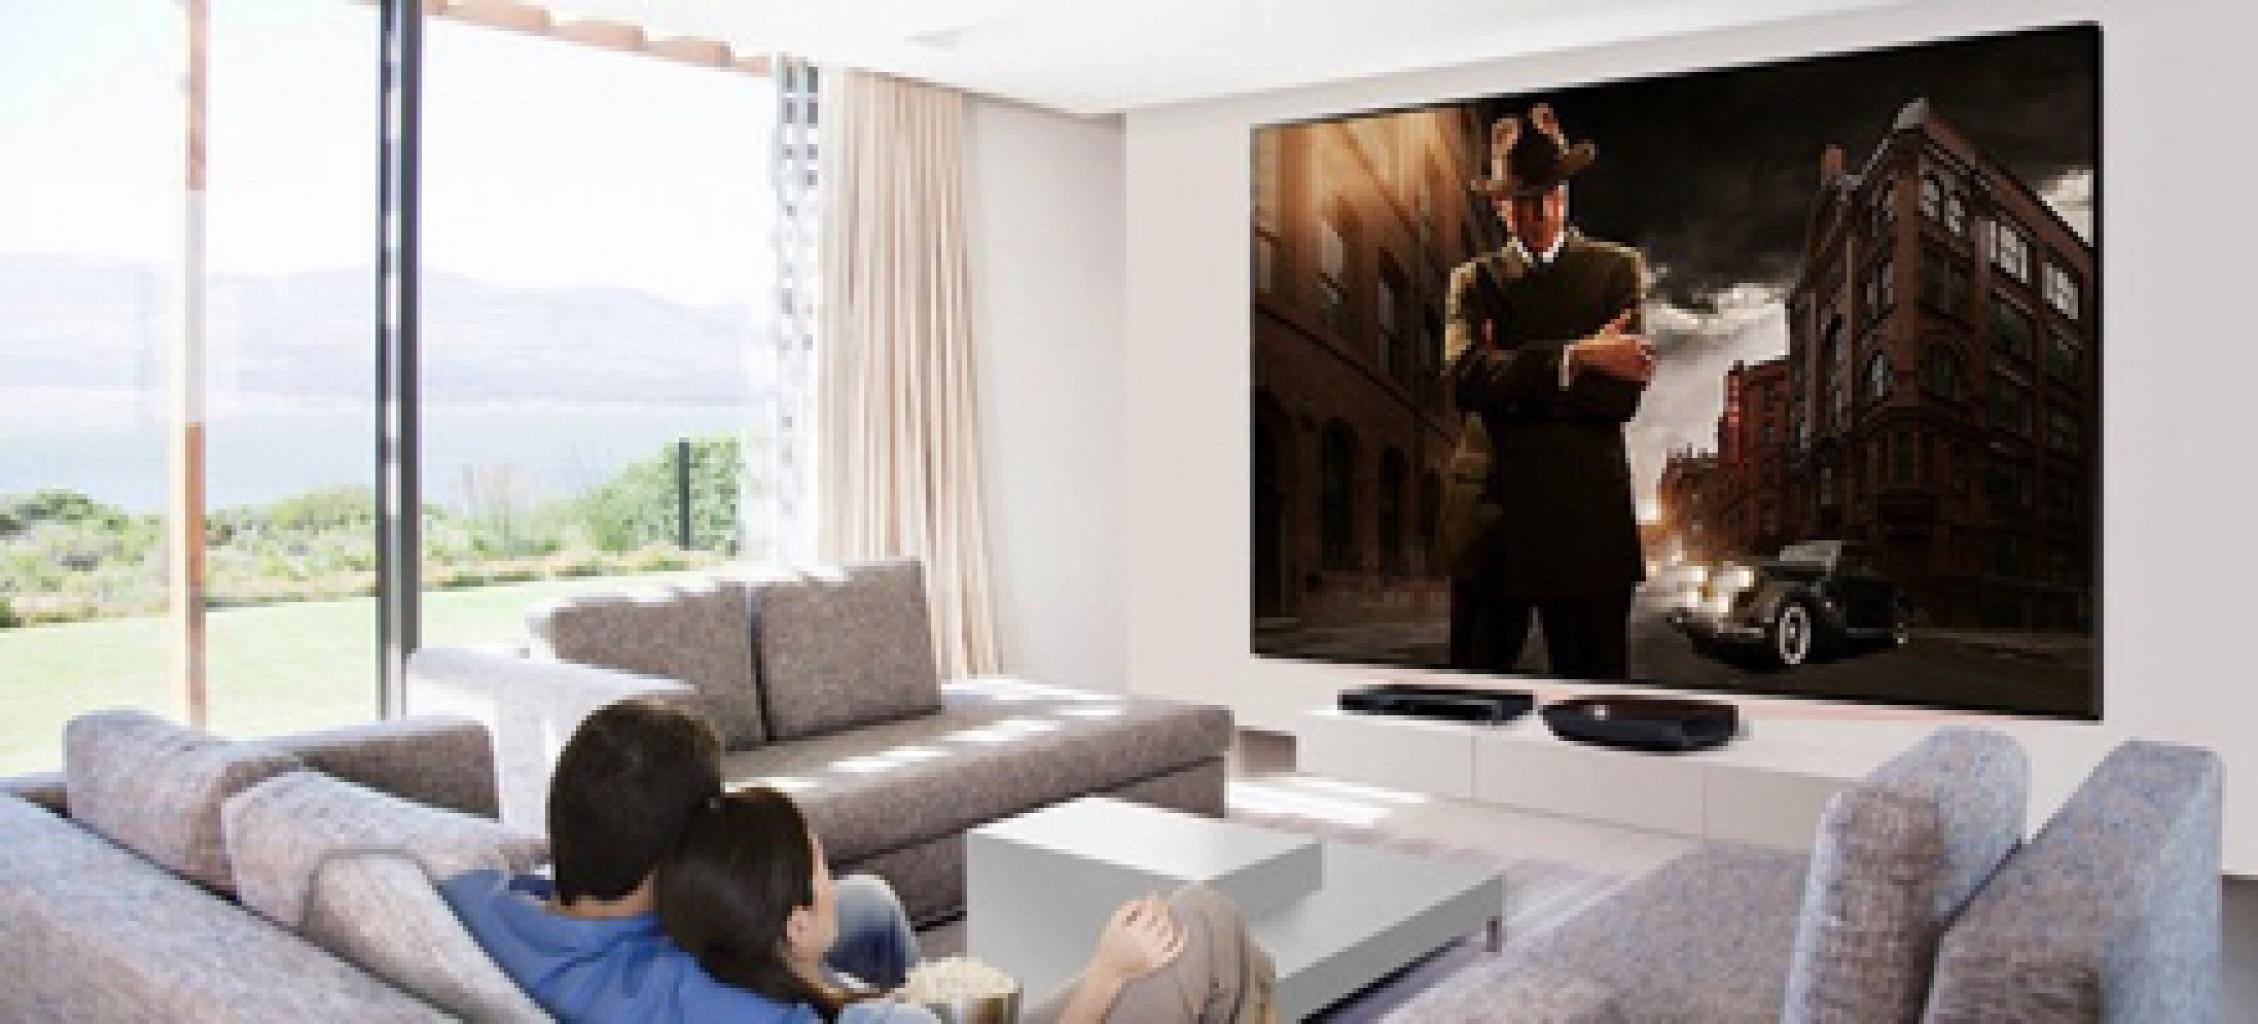 riesige g nstige fernseher getestet von heimkinoraum. Black Bedroom Furniture Sets. Home Design Ideas